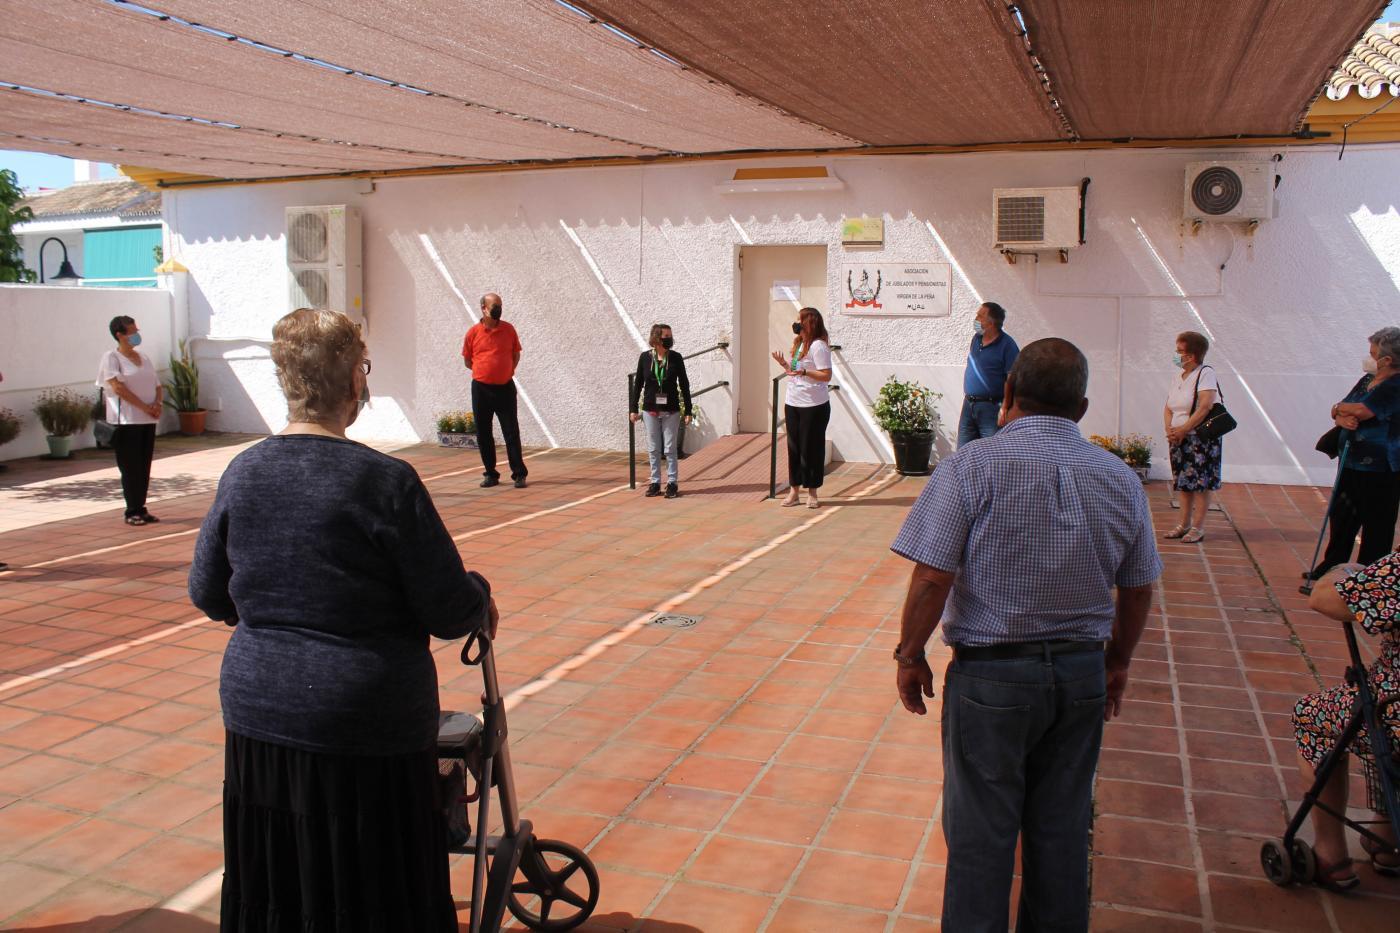 Los mayores han realizado su primera actividad grupal en el patio del Hogar del Jubilado de Las Lagunas.